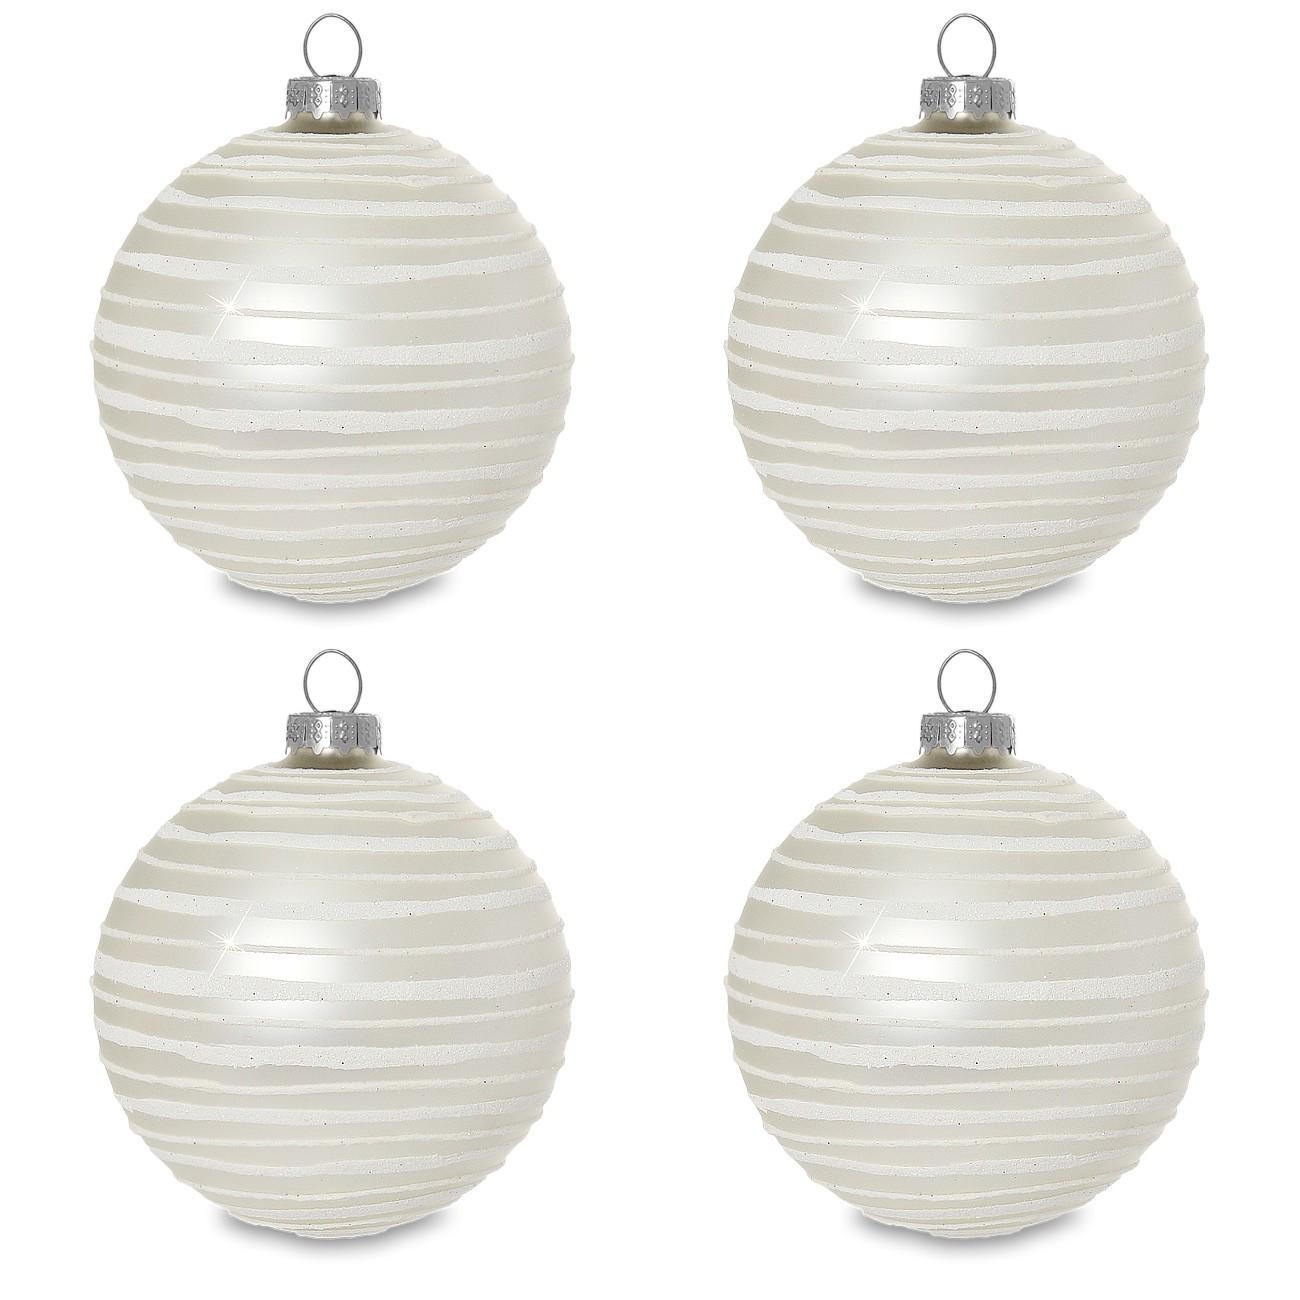 sikora christbaumkugeln aus glas mit moderner verzierung scandic stripes creme weiss 4er. Black Bedroom Furniture Sets. Home Design Ideas